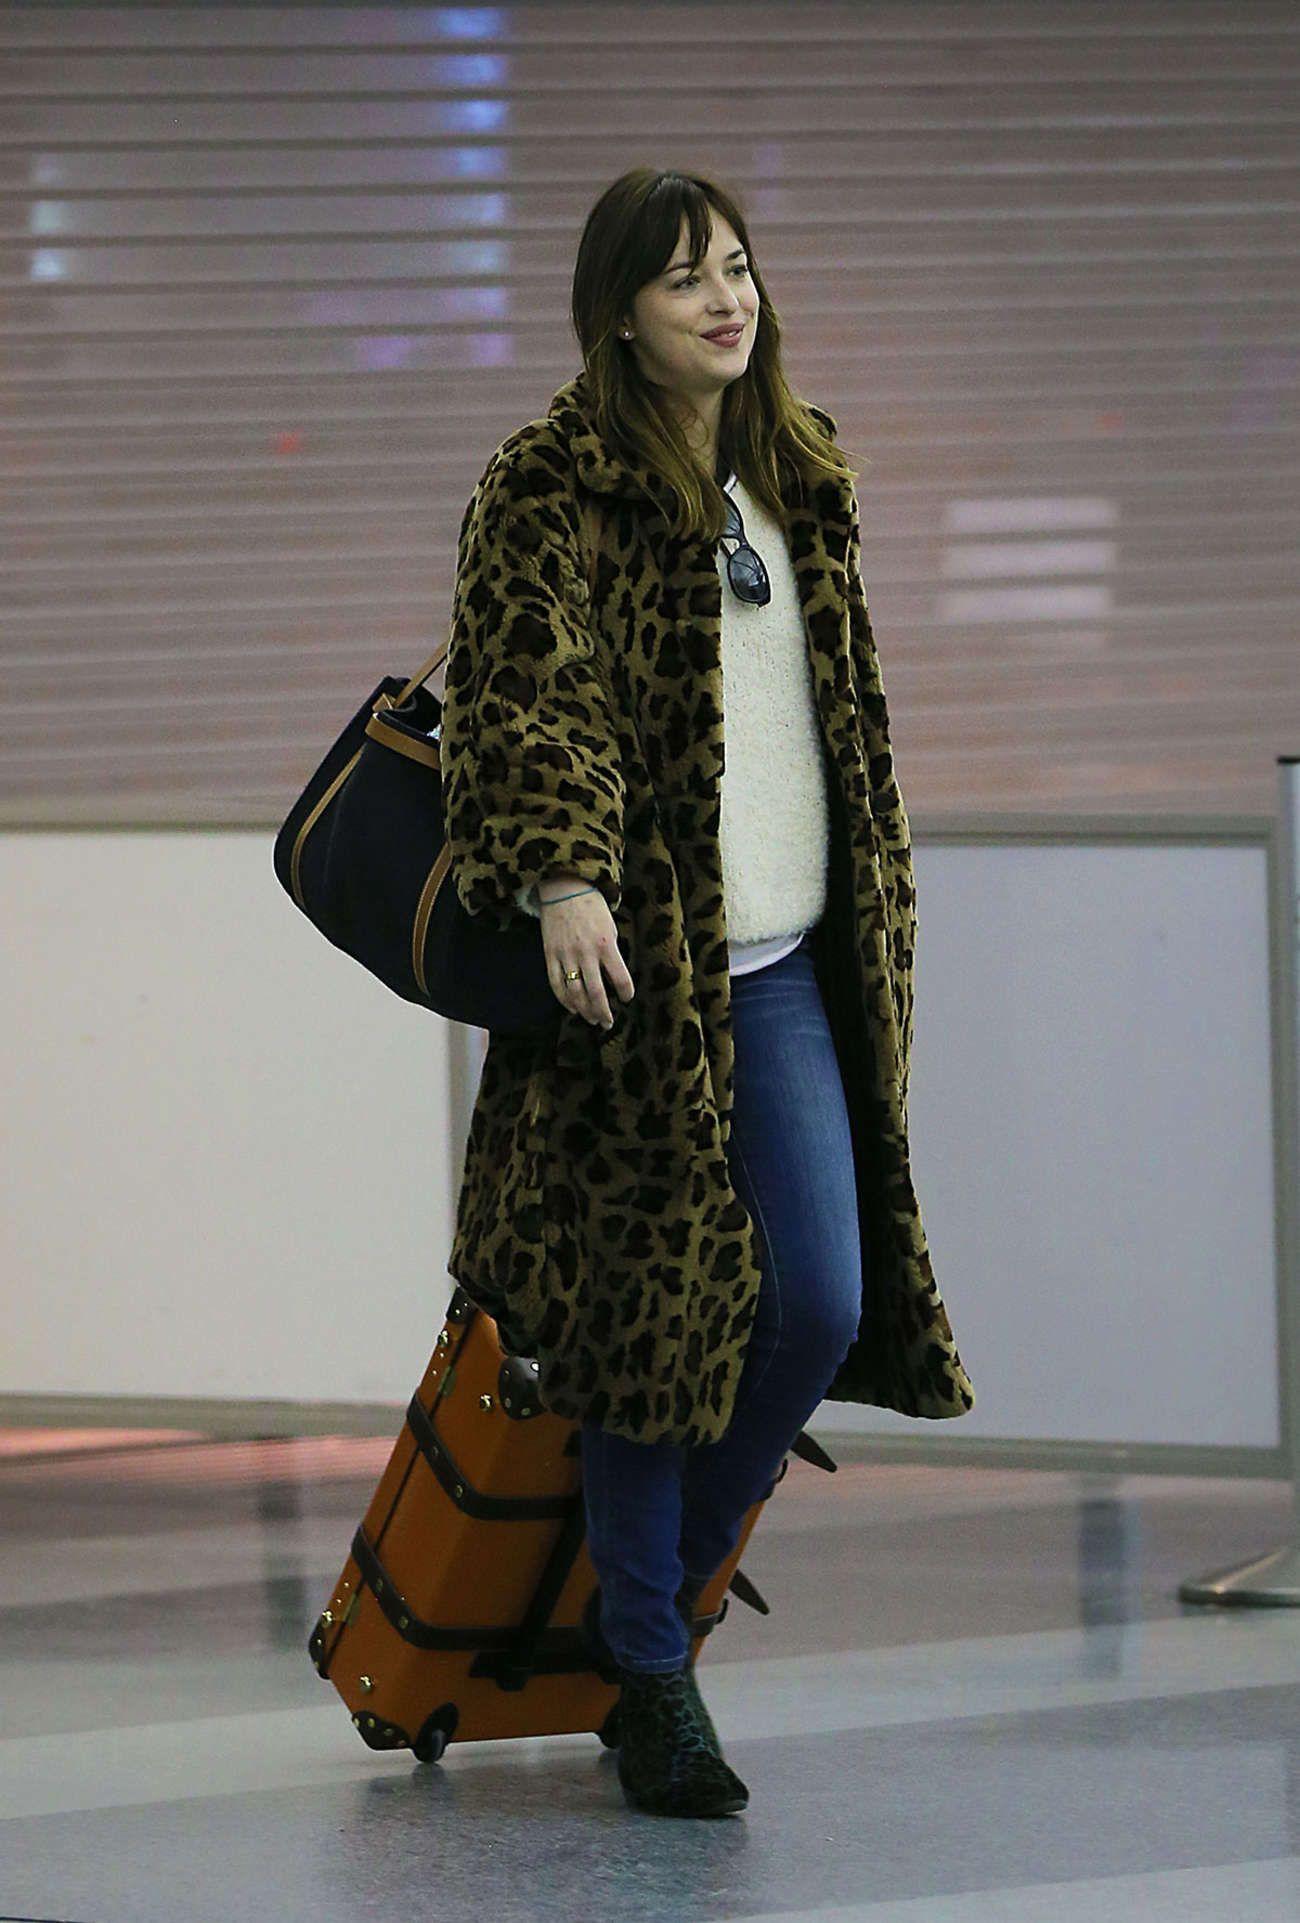 Dakota-Johnson-in-Leopard-Print-Coat-at-JFK--06.jpg (1300×1923)